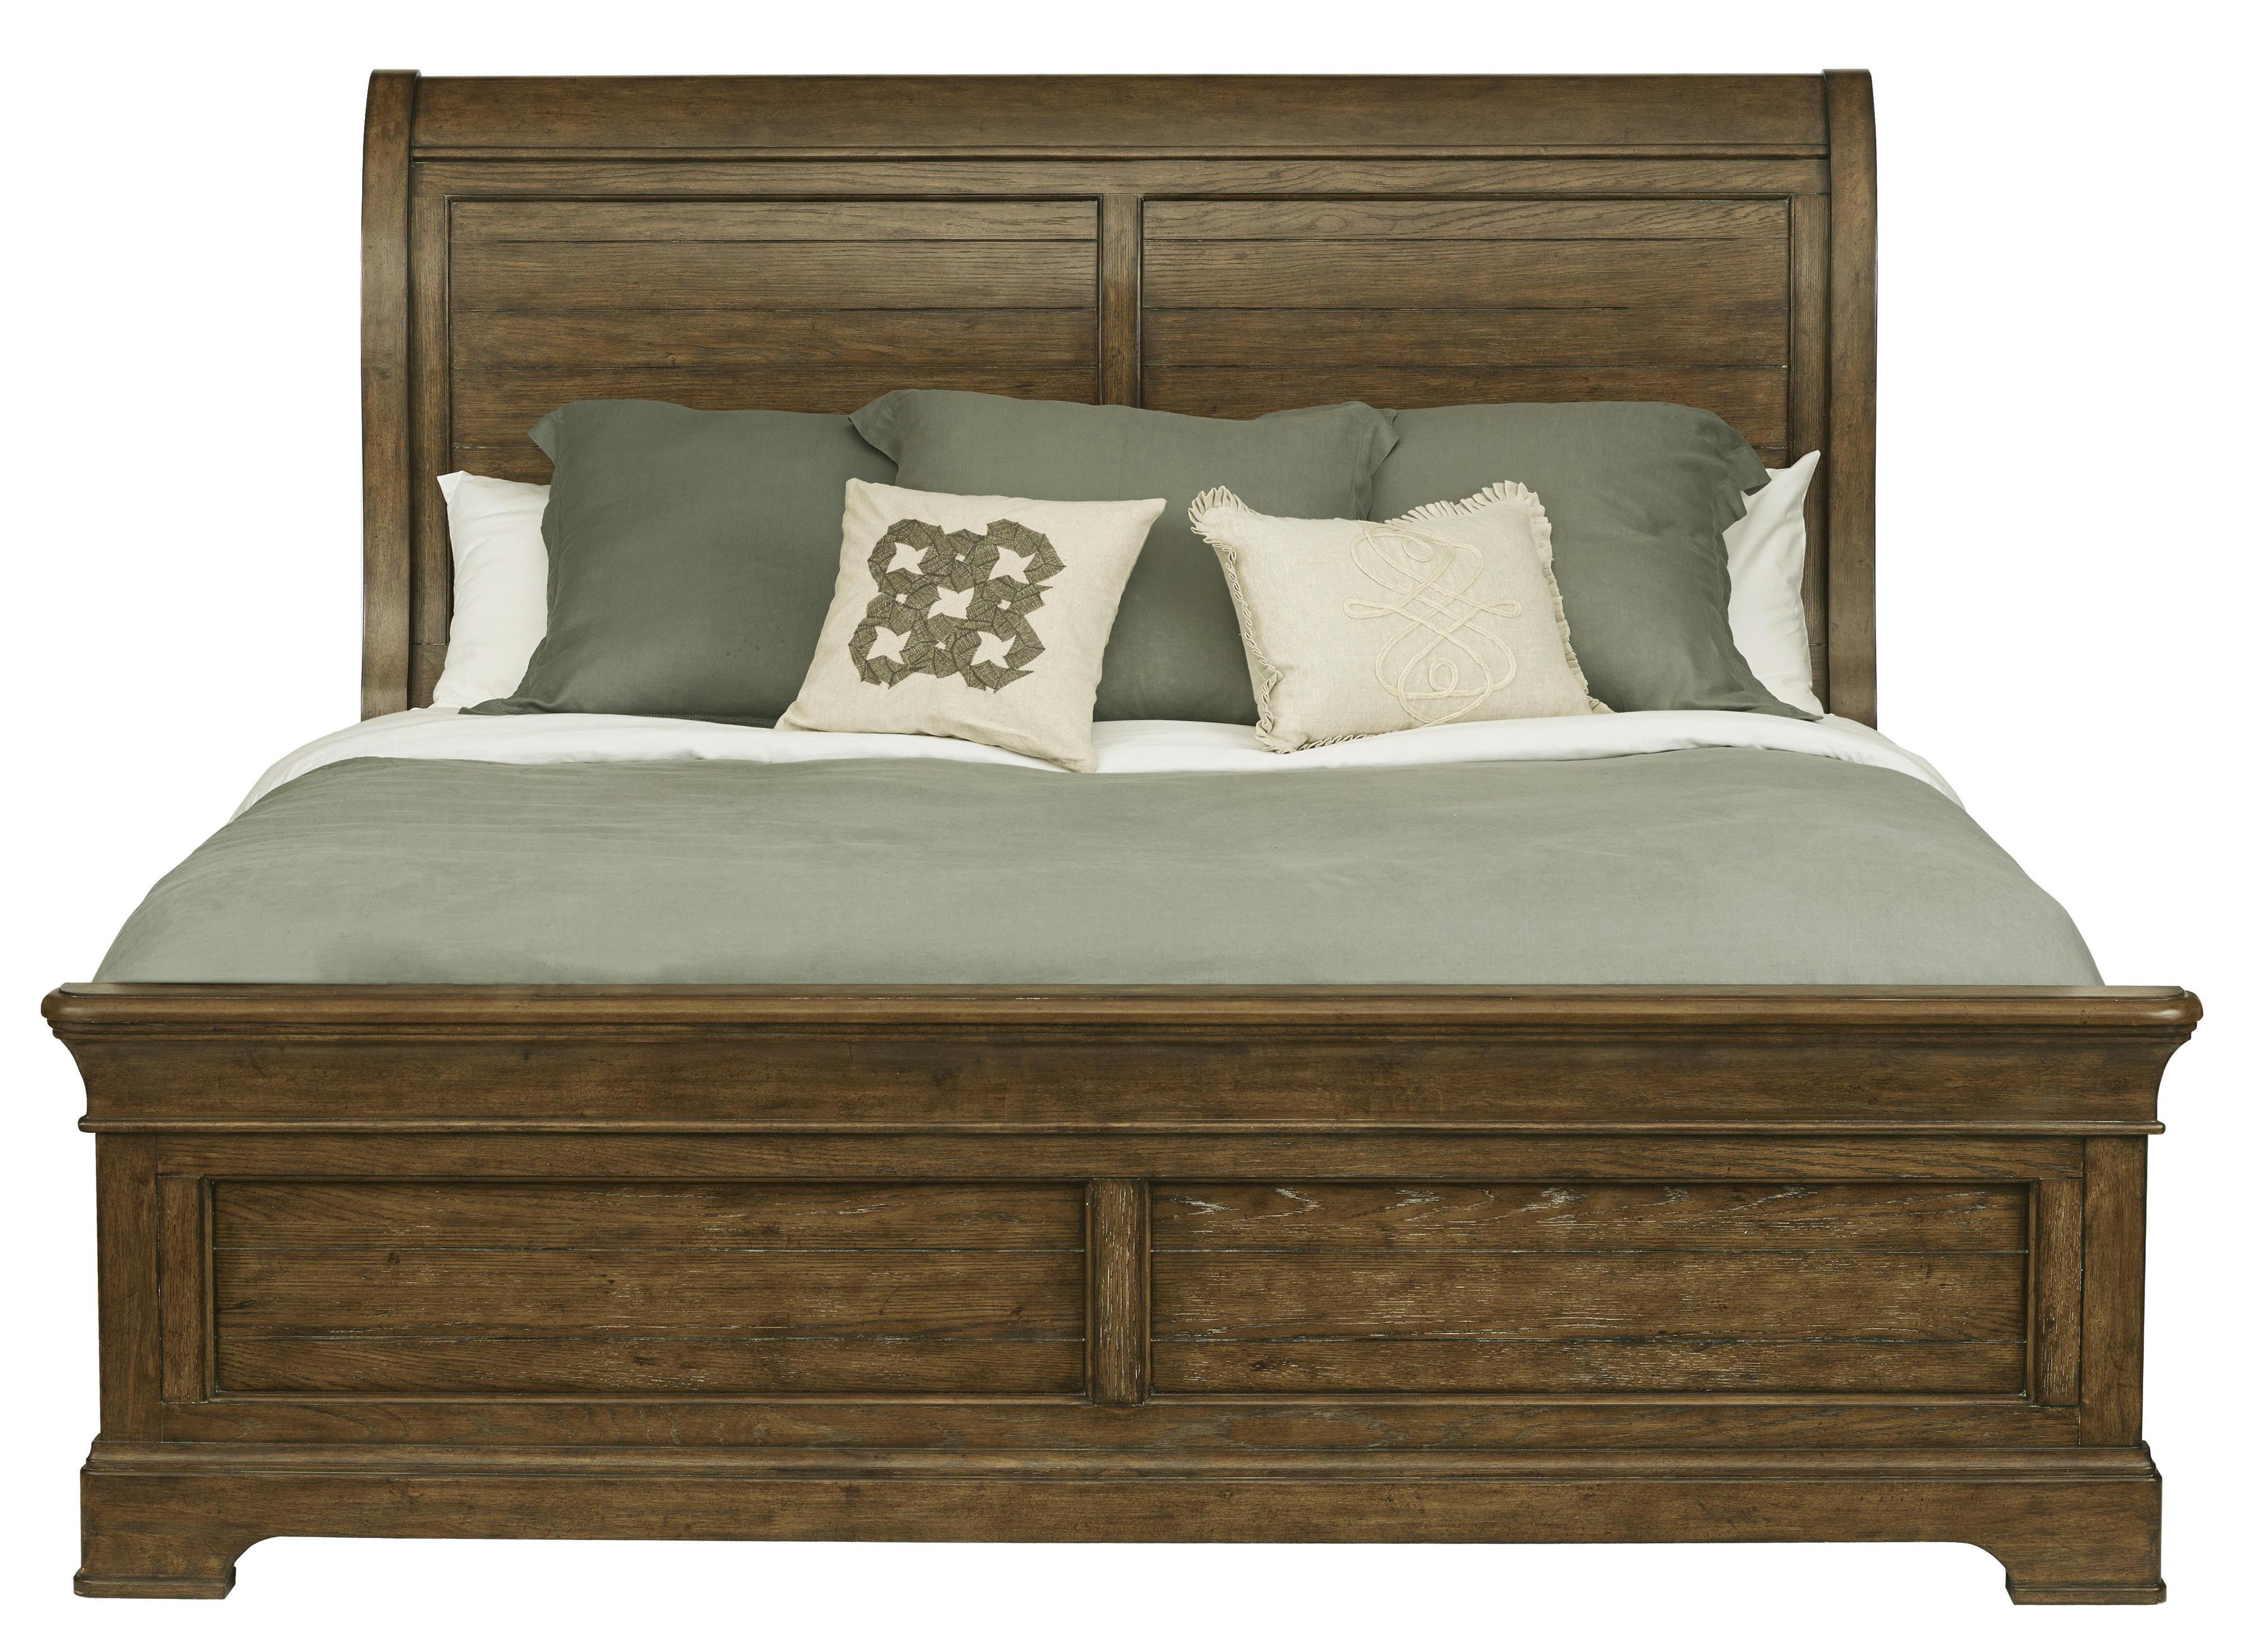 Belfort Select Virginia Mill Queen Sleigh Bed - Item Number: 8854-252+251+400